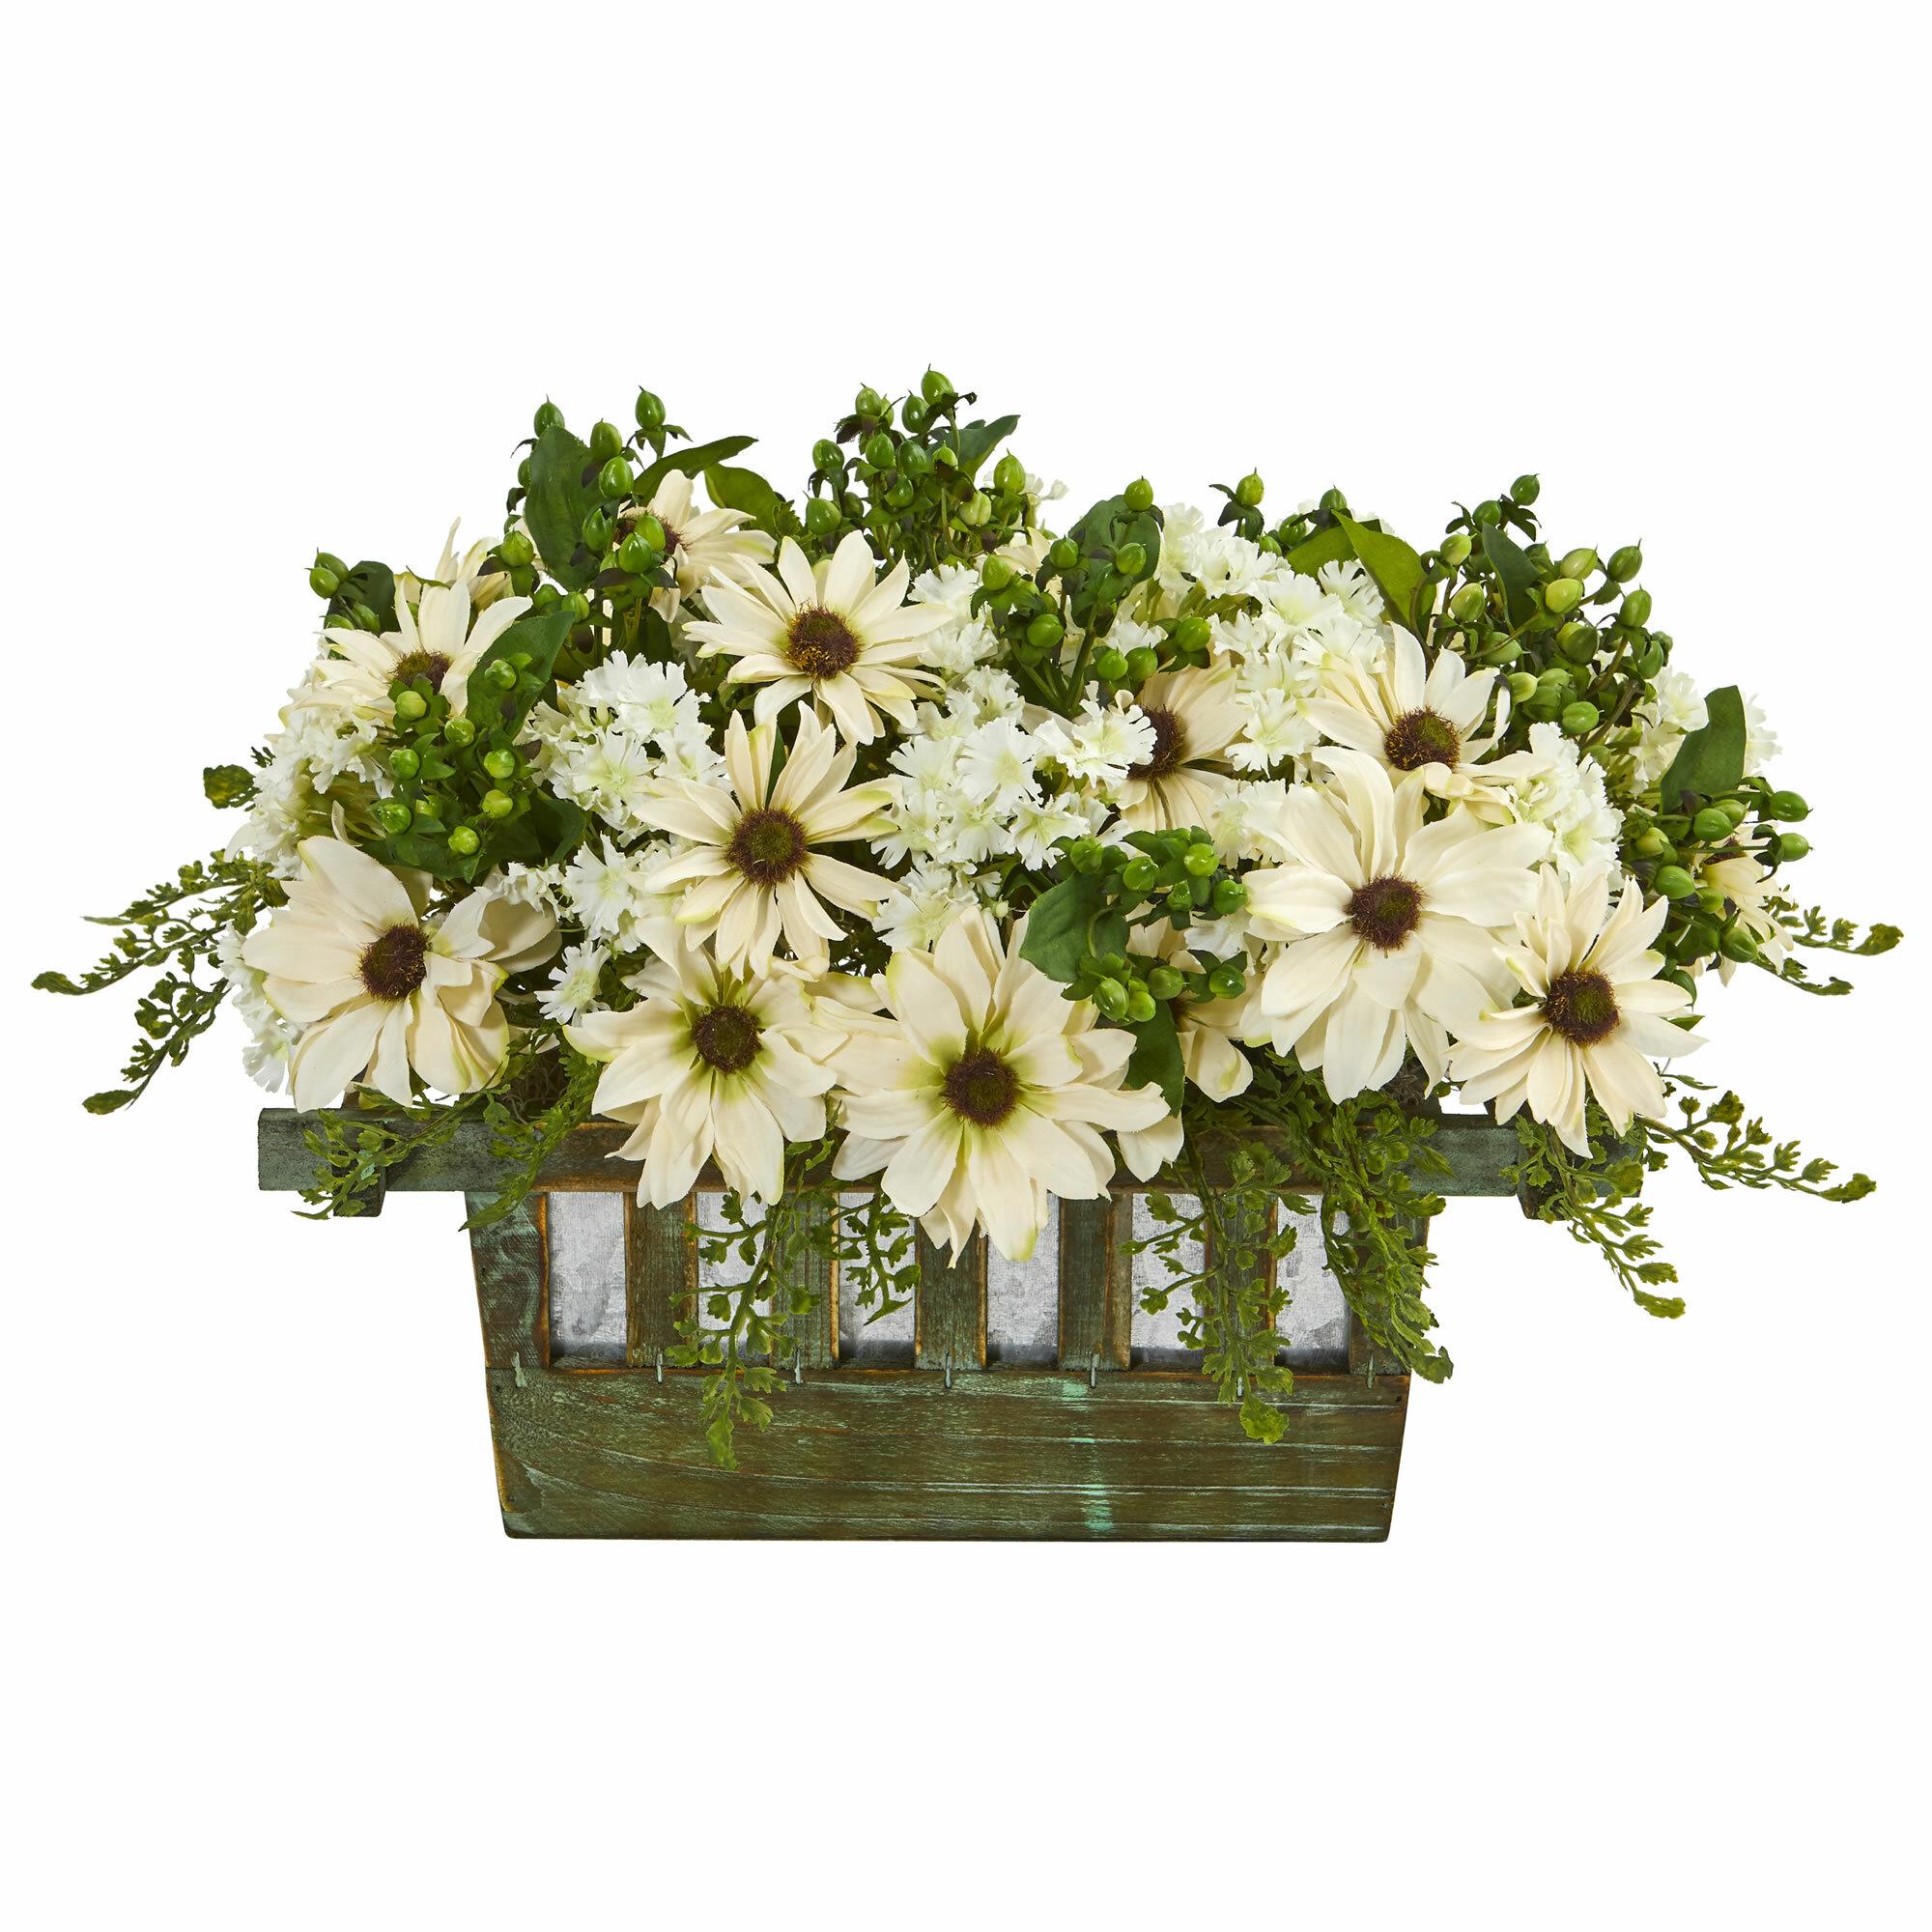 Gracie Oaks Daisy Floral Arrangement In Decorative Planter Wayfair